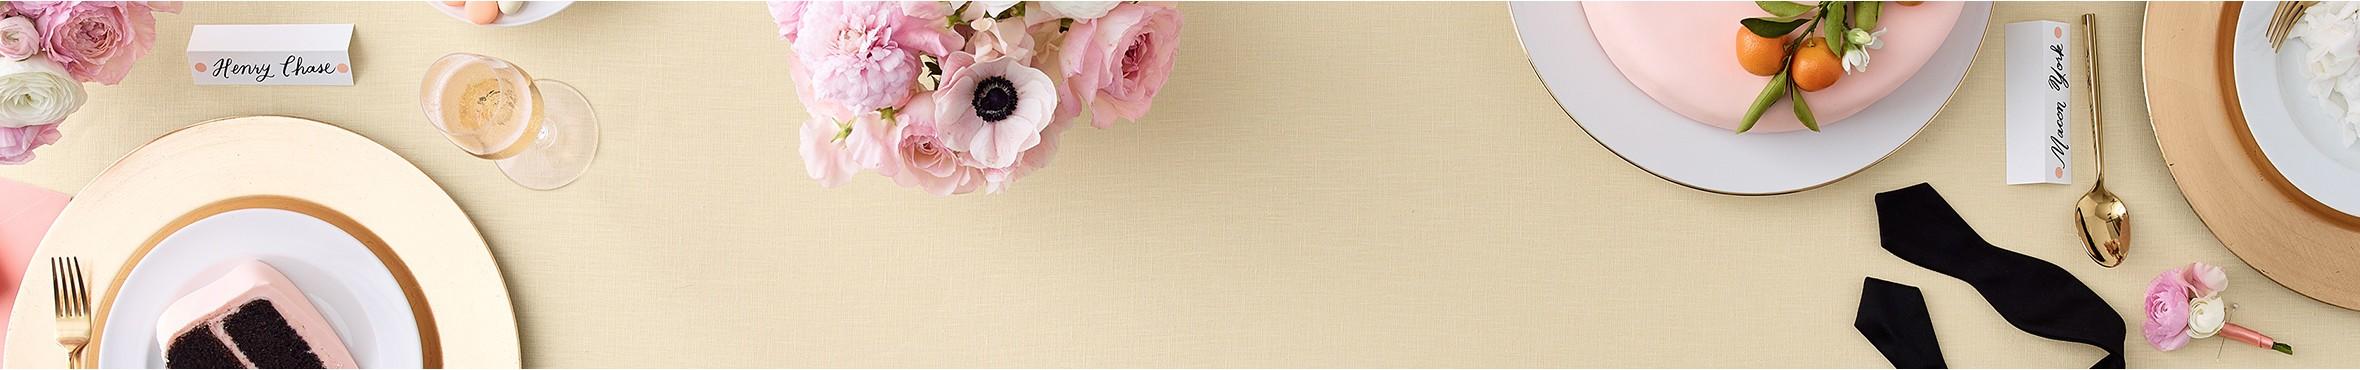 Boardmans Gift Registry Weddings: Wedding Registry : Target